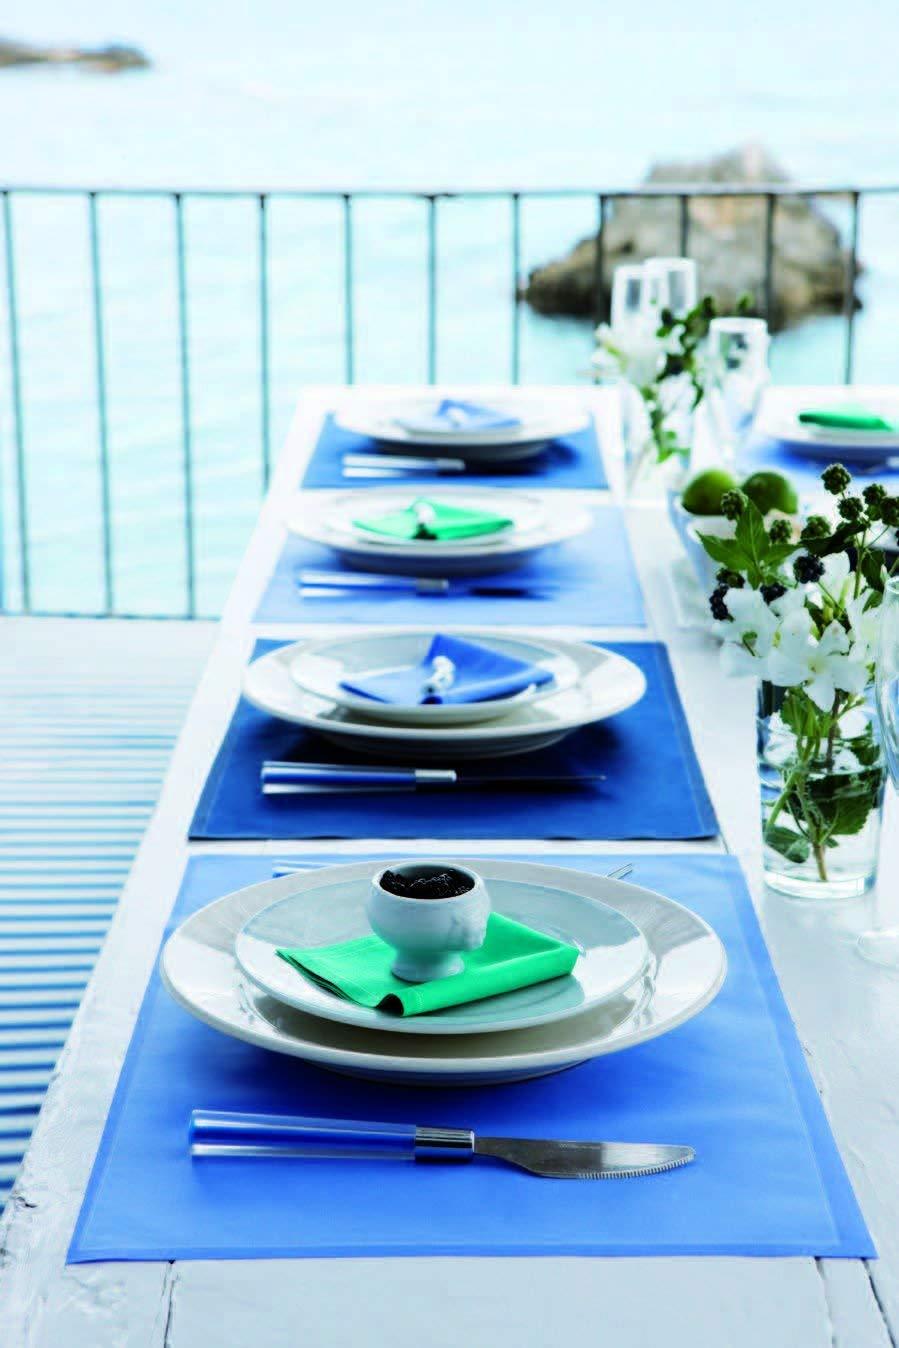 Aquamarine 7.9 x 7.9 in 25 units per roll Cotton Luncheon Napkin